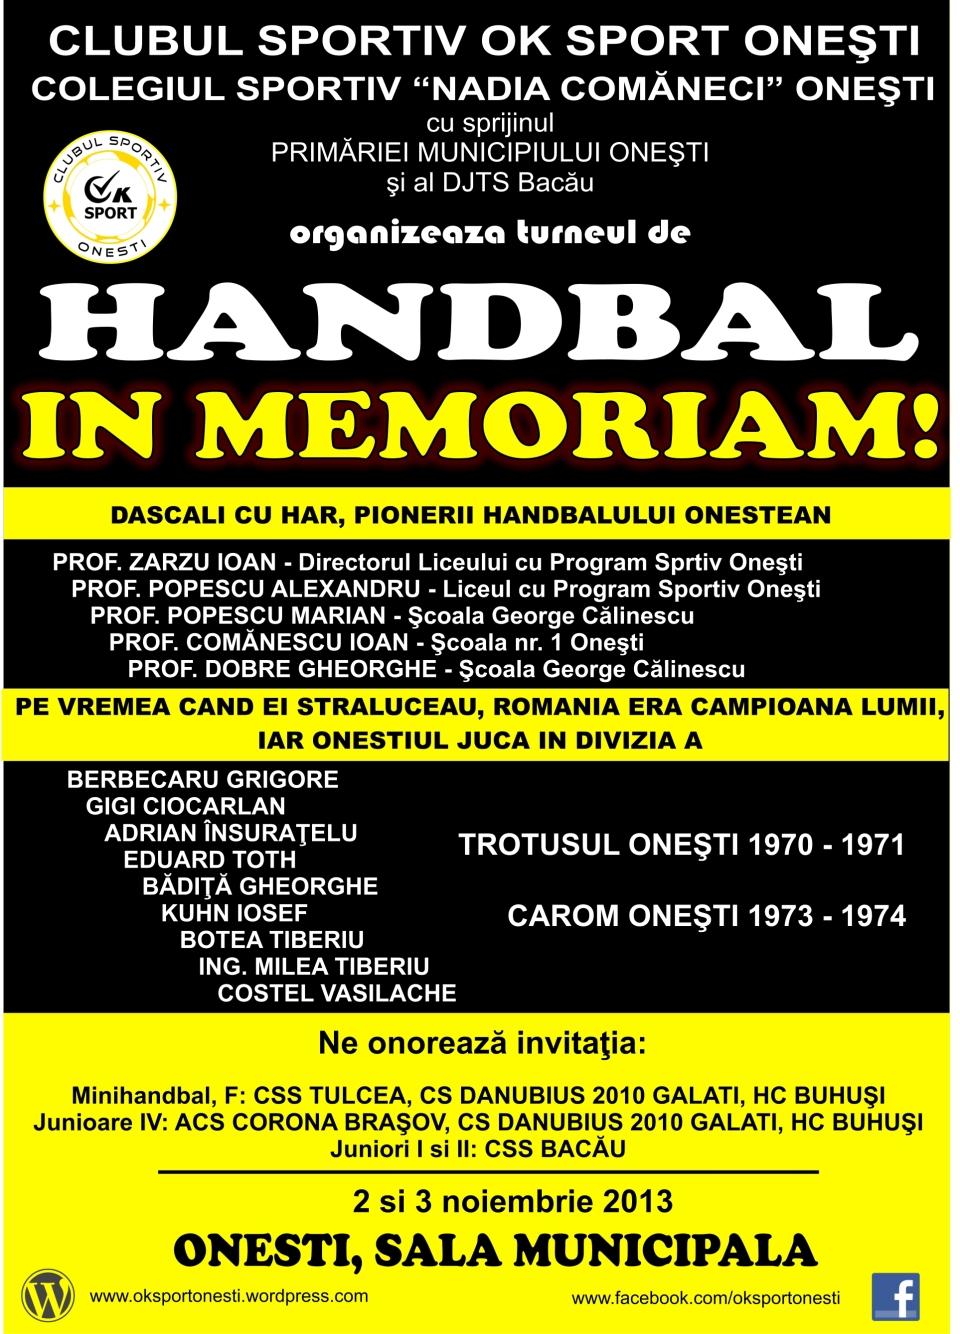 In memoriam1